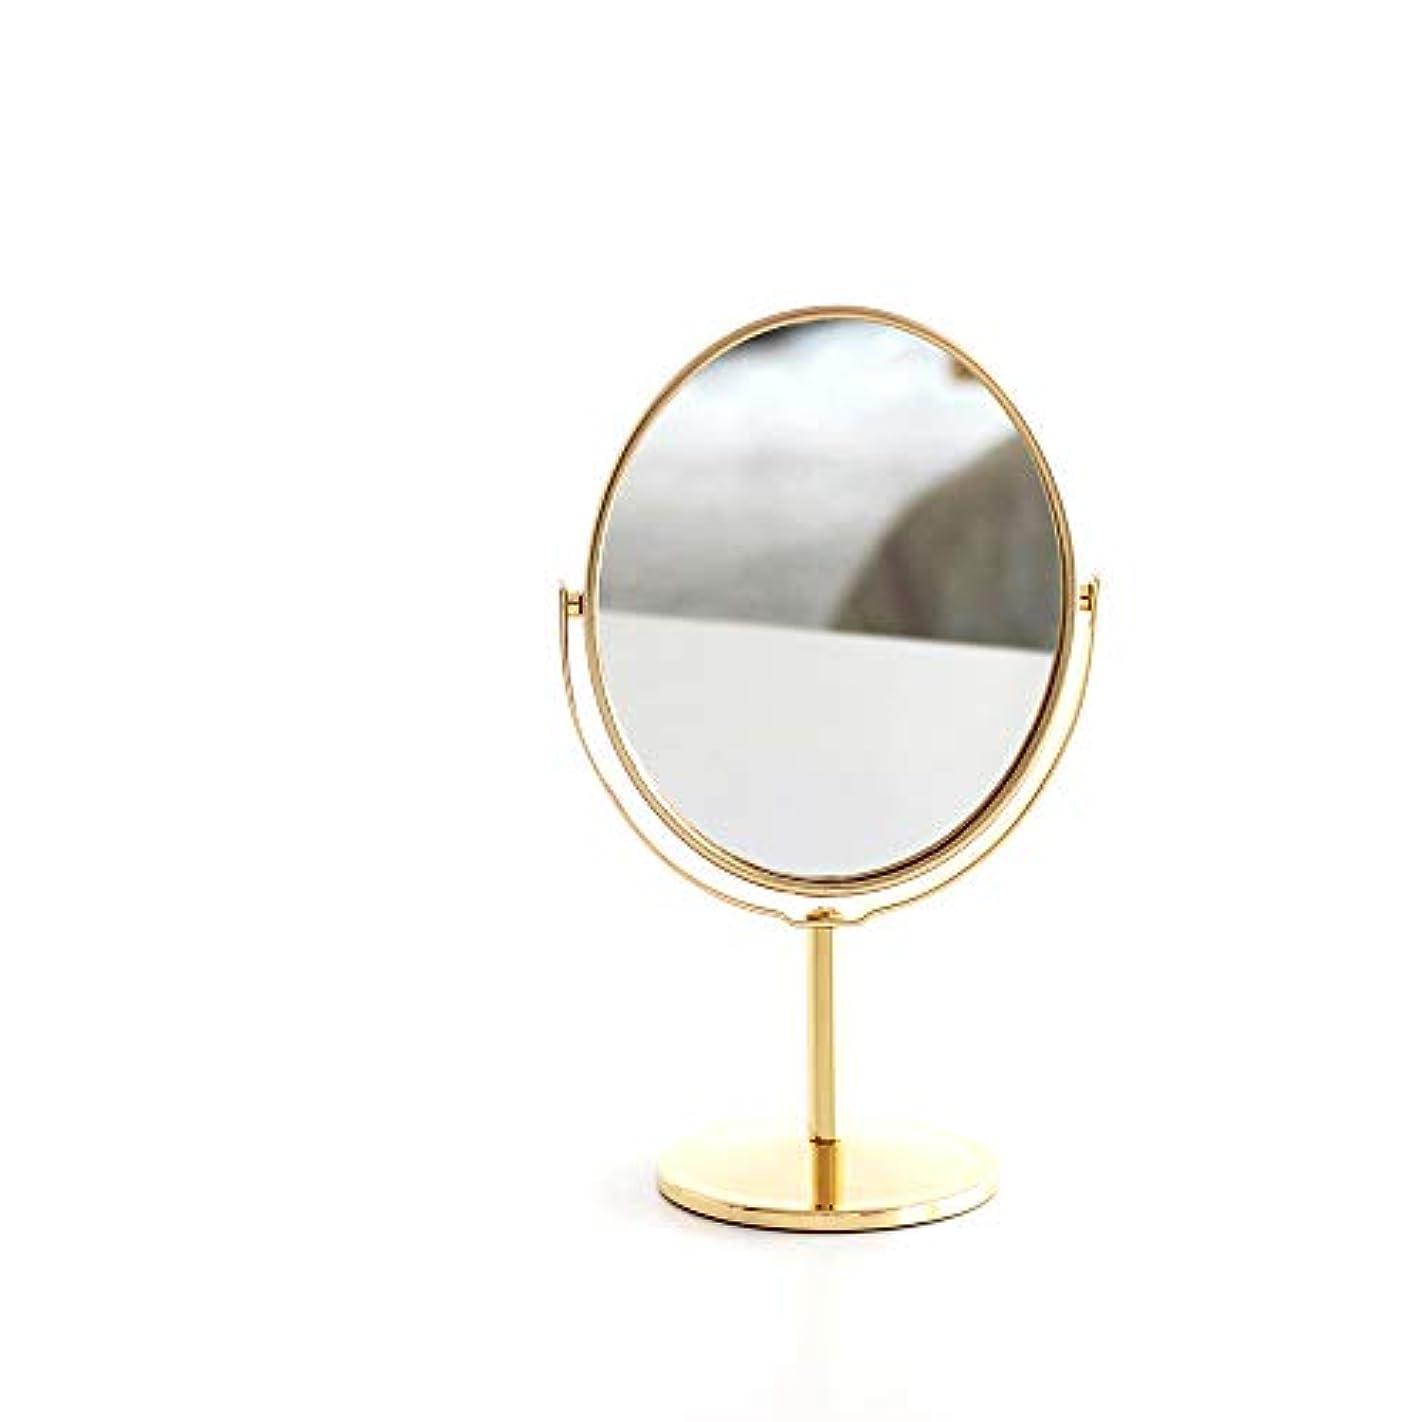 象平凡スペードメタル両面卓上鏡 スタンドミラー 化粧鏡 拡大鏡付き 楕円ミラー 360度回転 コンパクトサイズ 10X12cm (ゴールド)